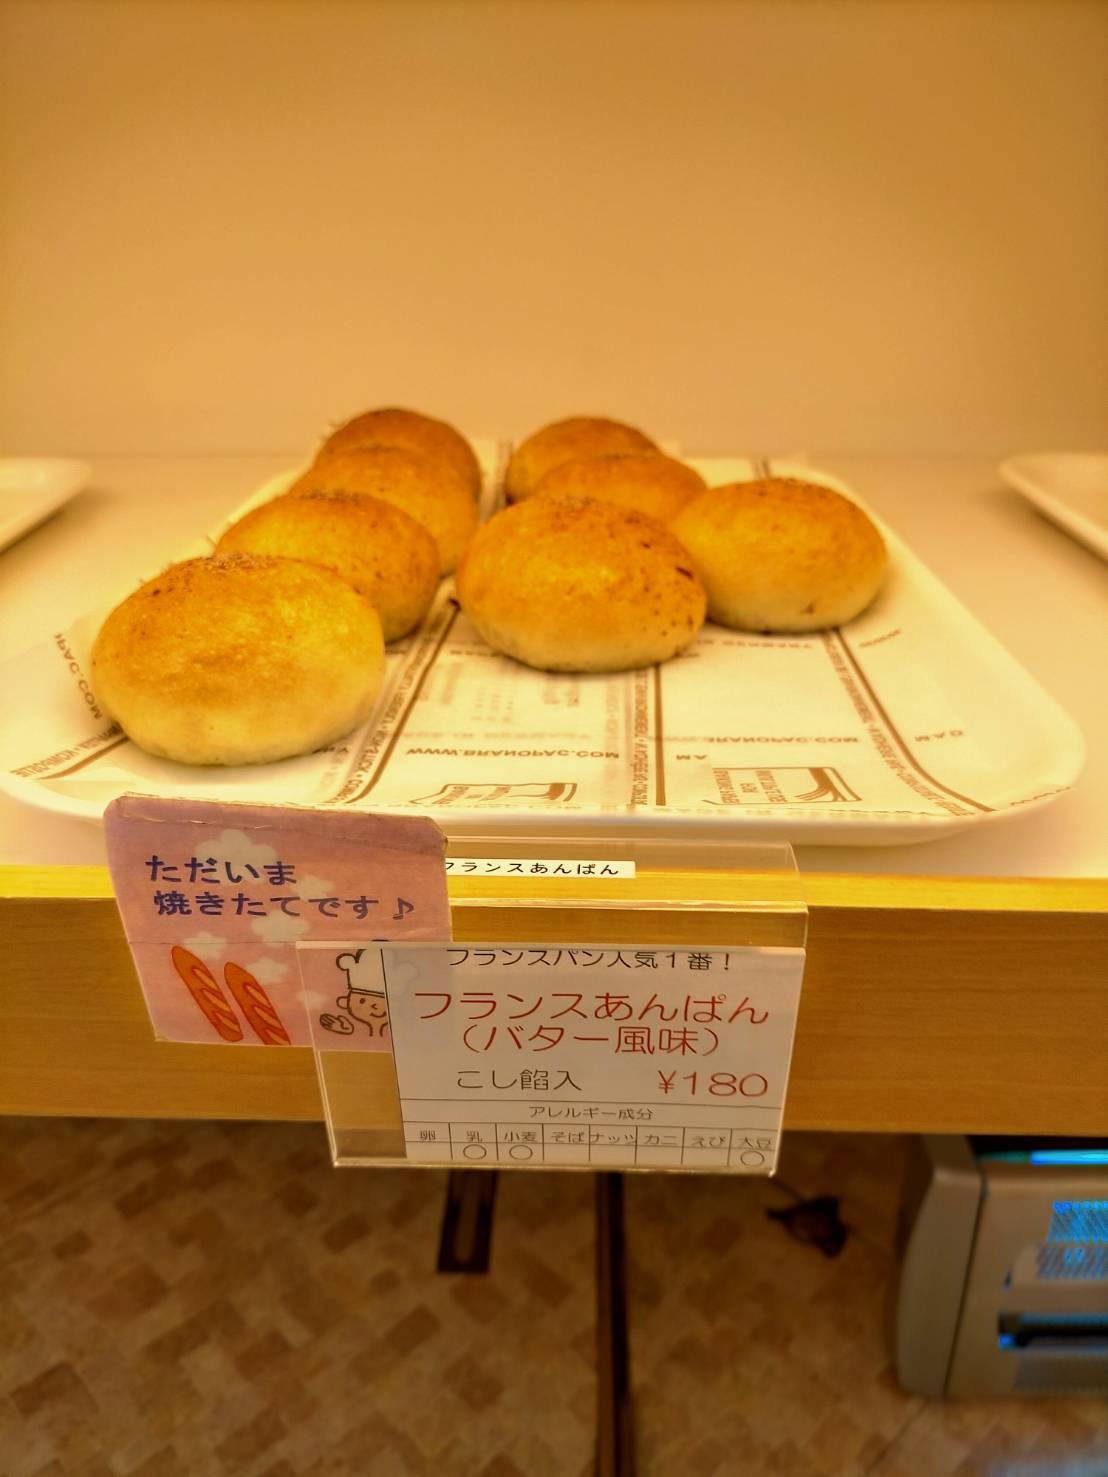 浅草-専門店-あんです-マトバ4 東京都